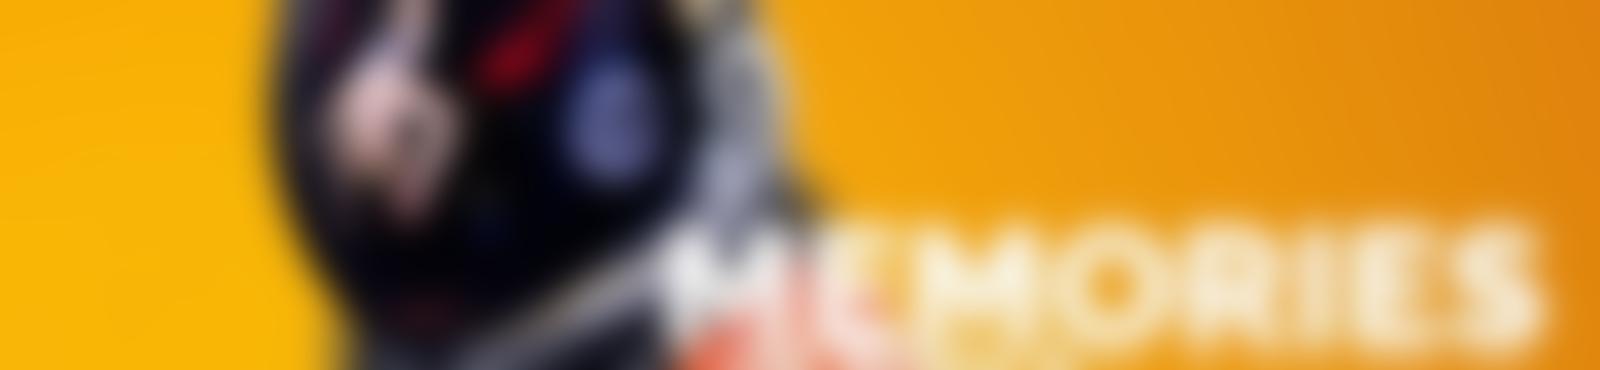 Blurred 06a60803 a418 4fdf 9c33 f09e78d438b6